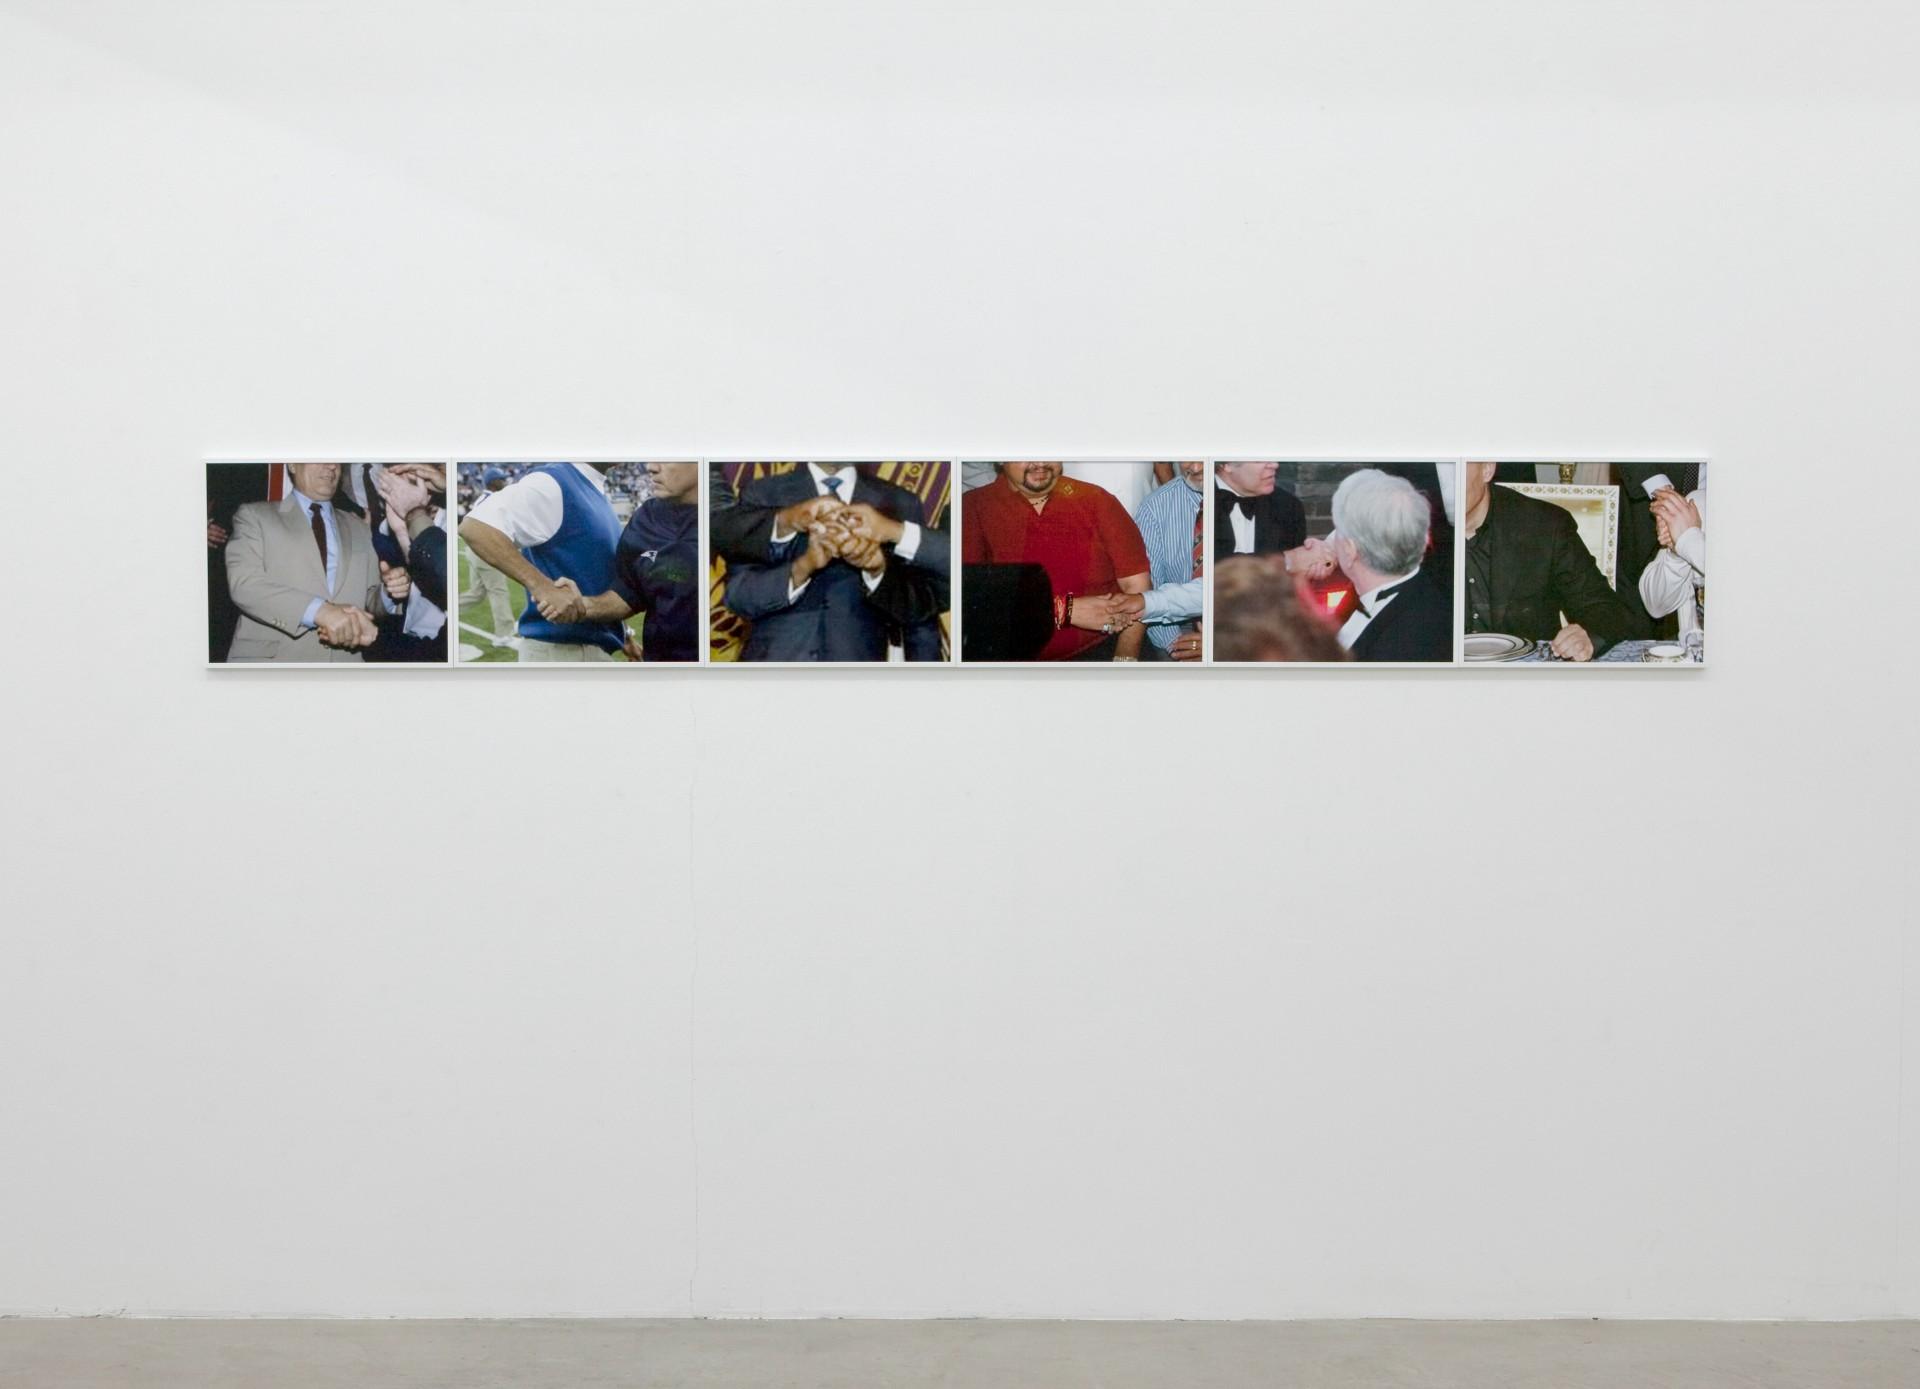 Ben Van den Berghe Handshake Society, Frontviews Gallery, Berlin, 2010